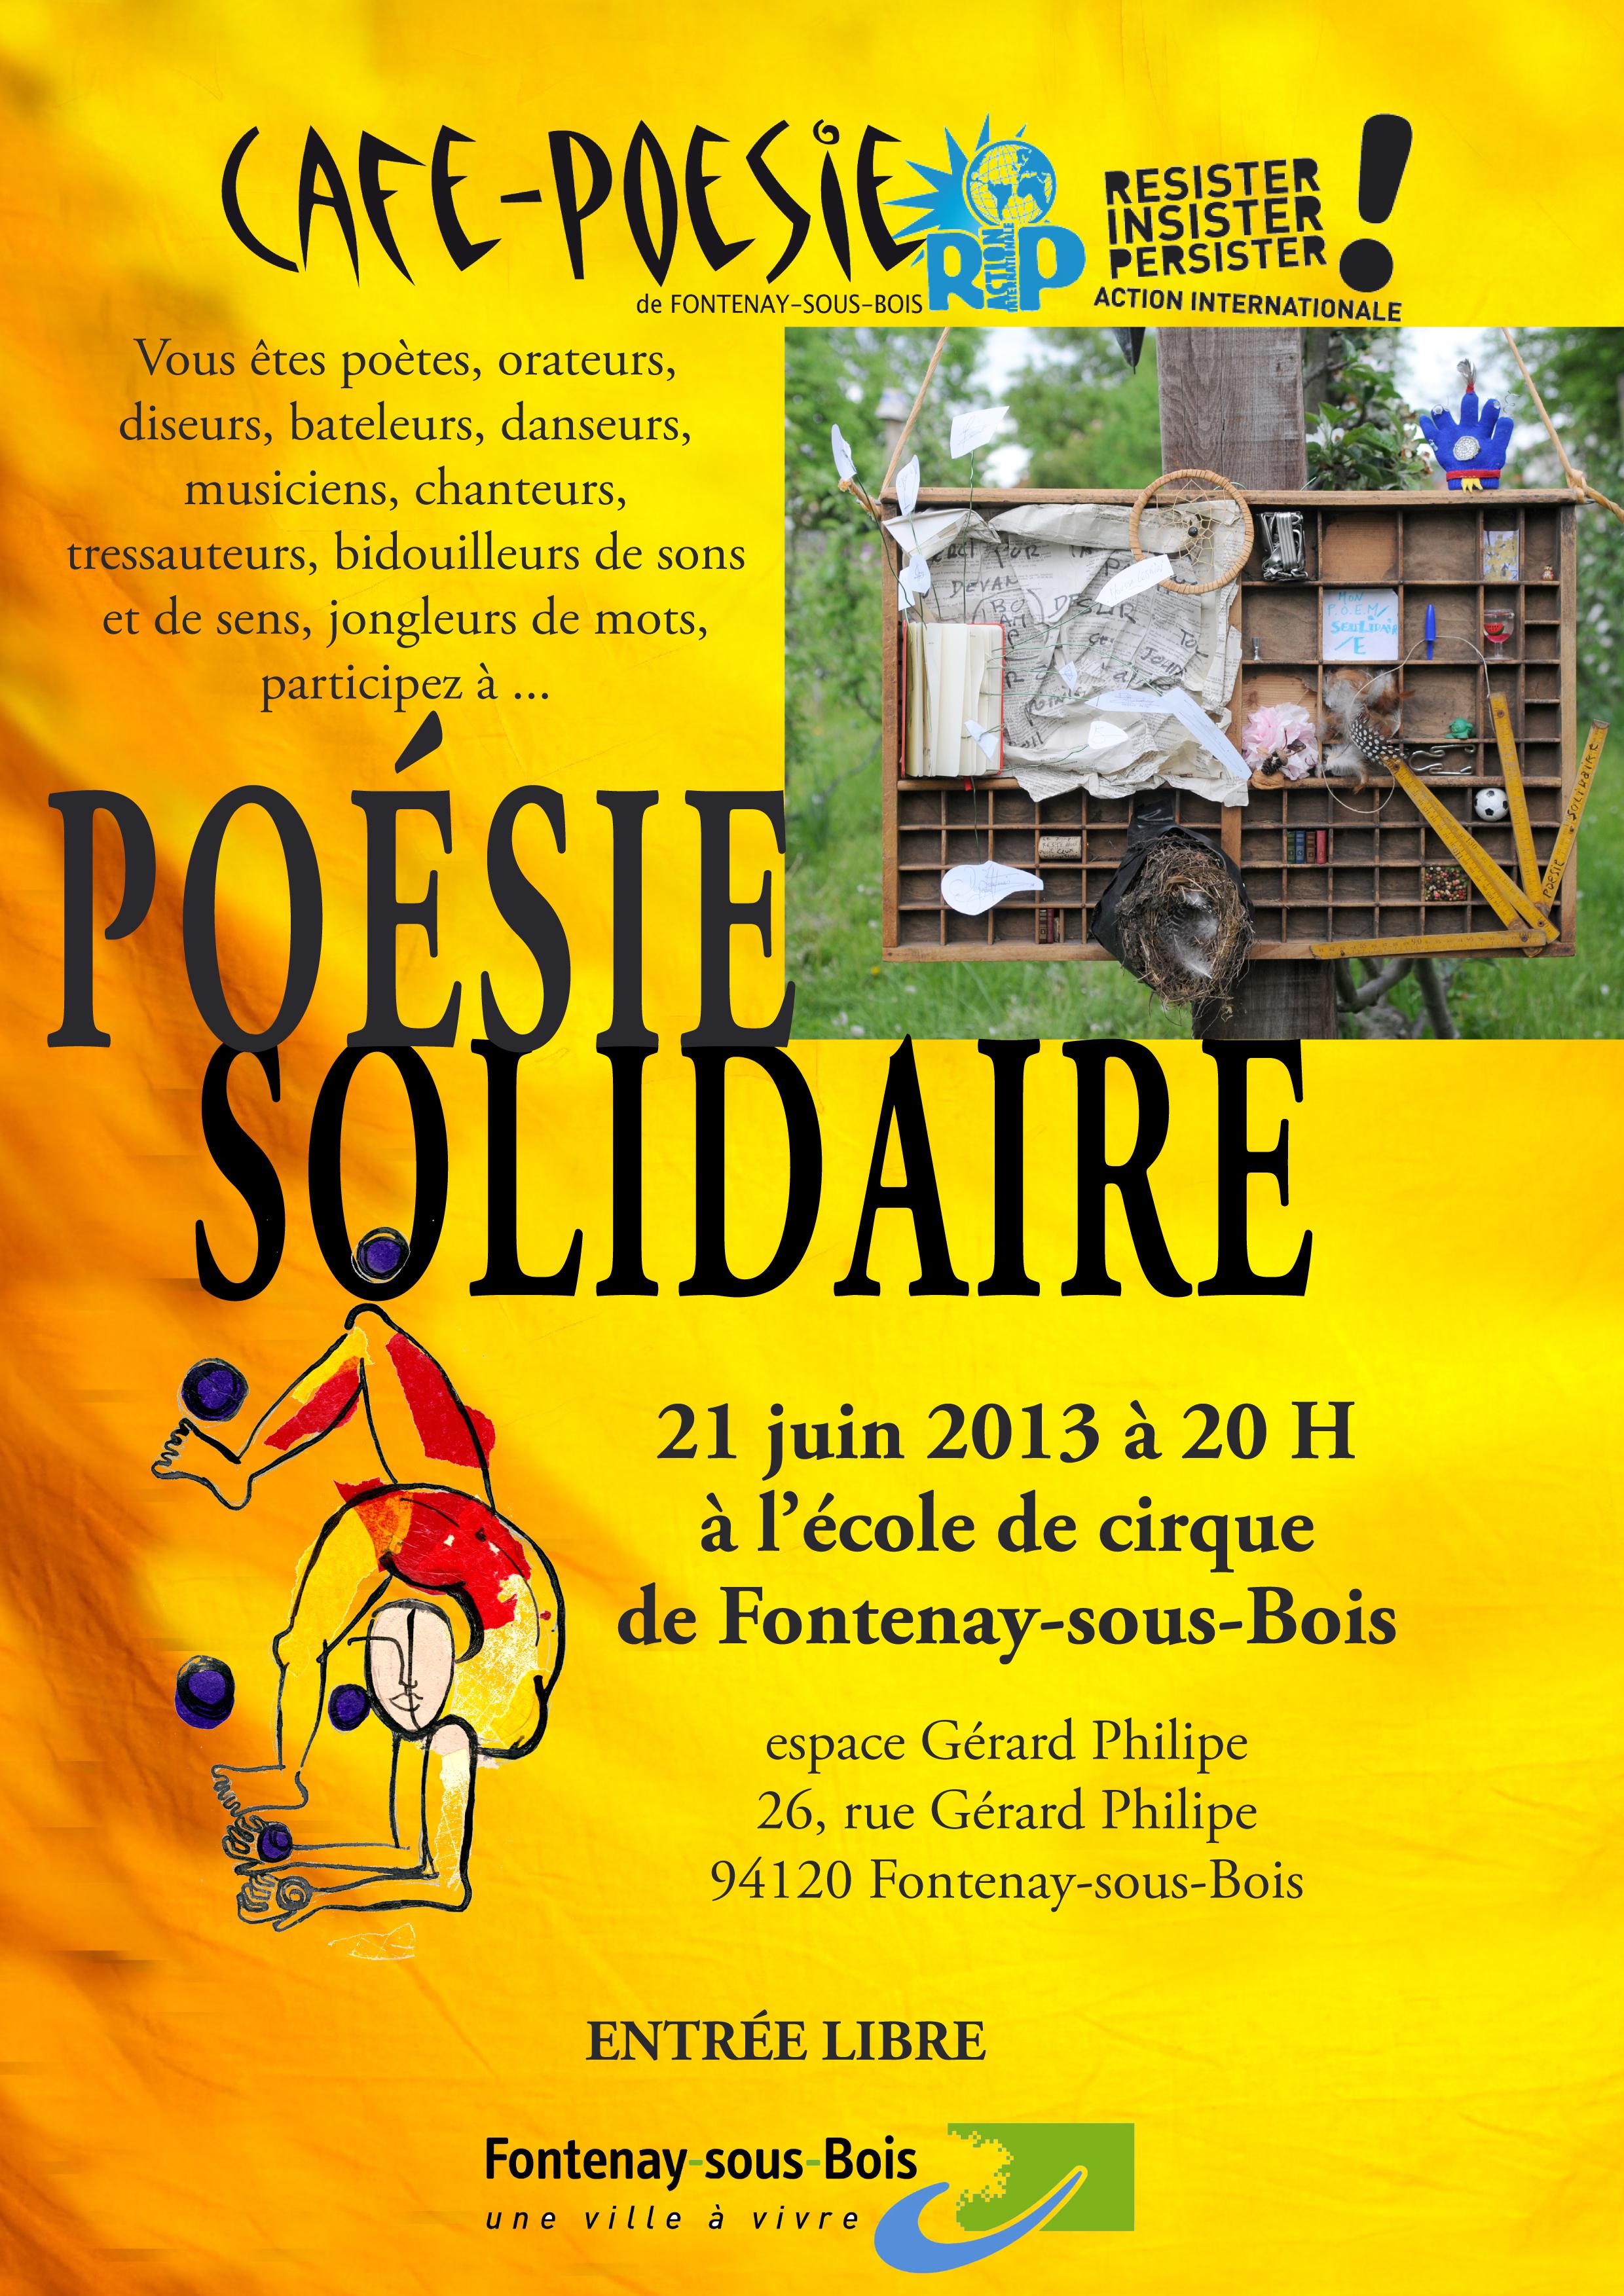 Un Café-Poésie dans un cirque où se mélangent les numéros de cirque et les prestations poétiques - avec RIP - Ecole de Cirque de Fontenay & Café-Poésie - entrée libre - 20h